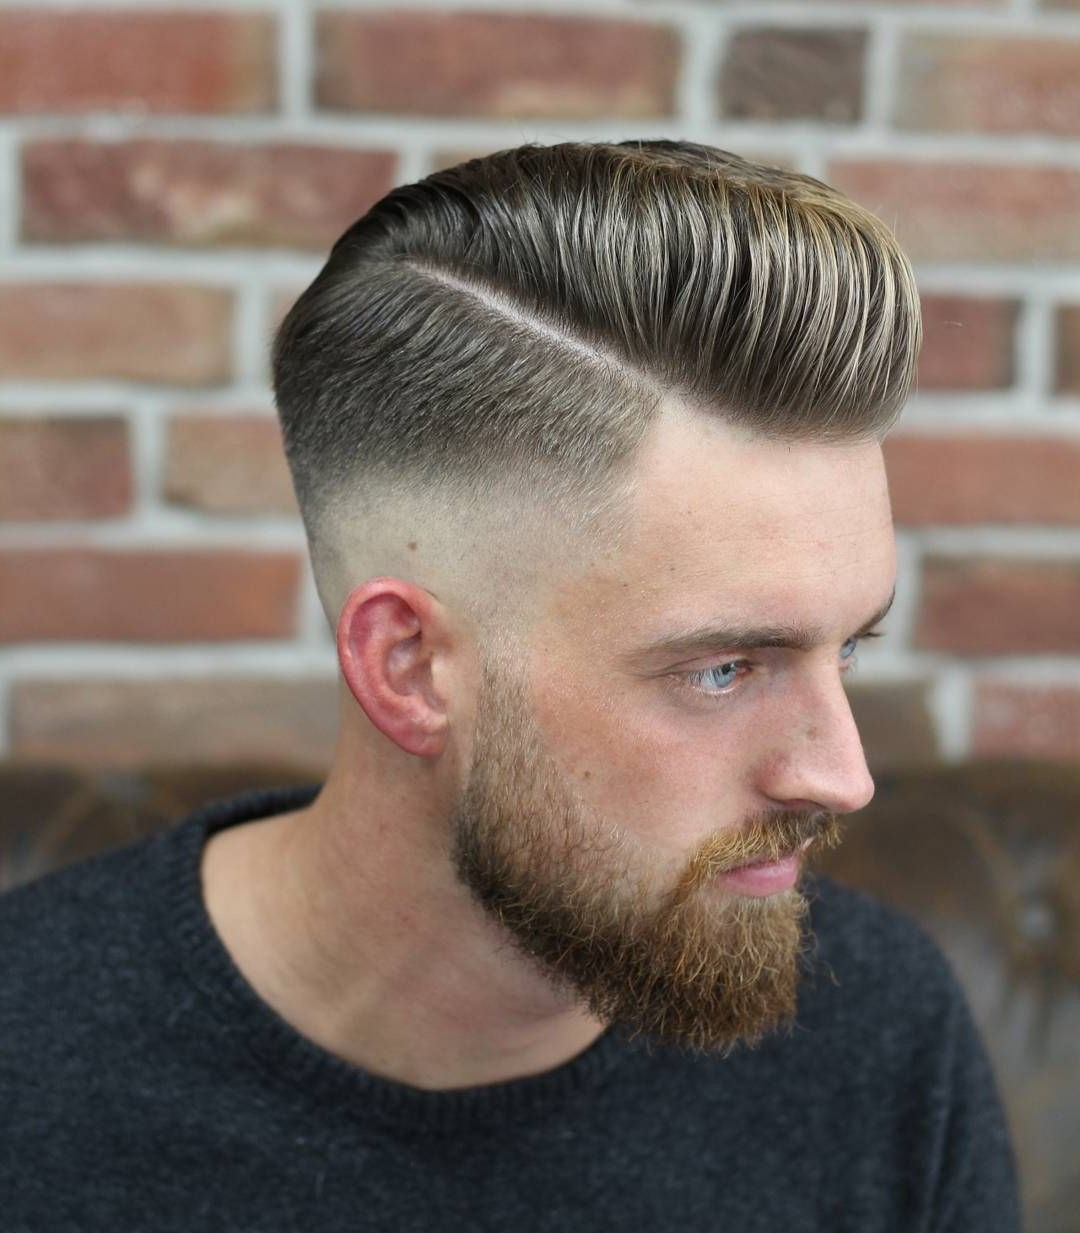 Grâce aux produits capillaires qui donnent un coup de pouce supplémentaire aux cheveux, le style pompadour convient également aux cheveux fins.